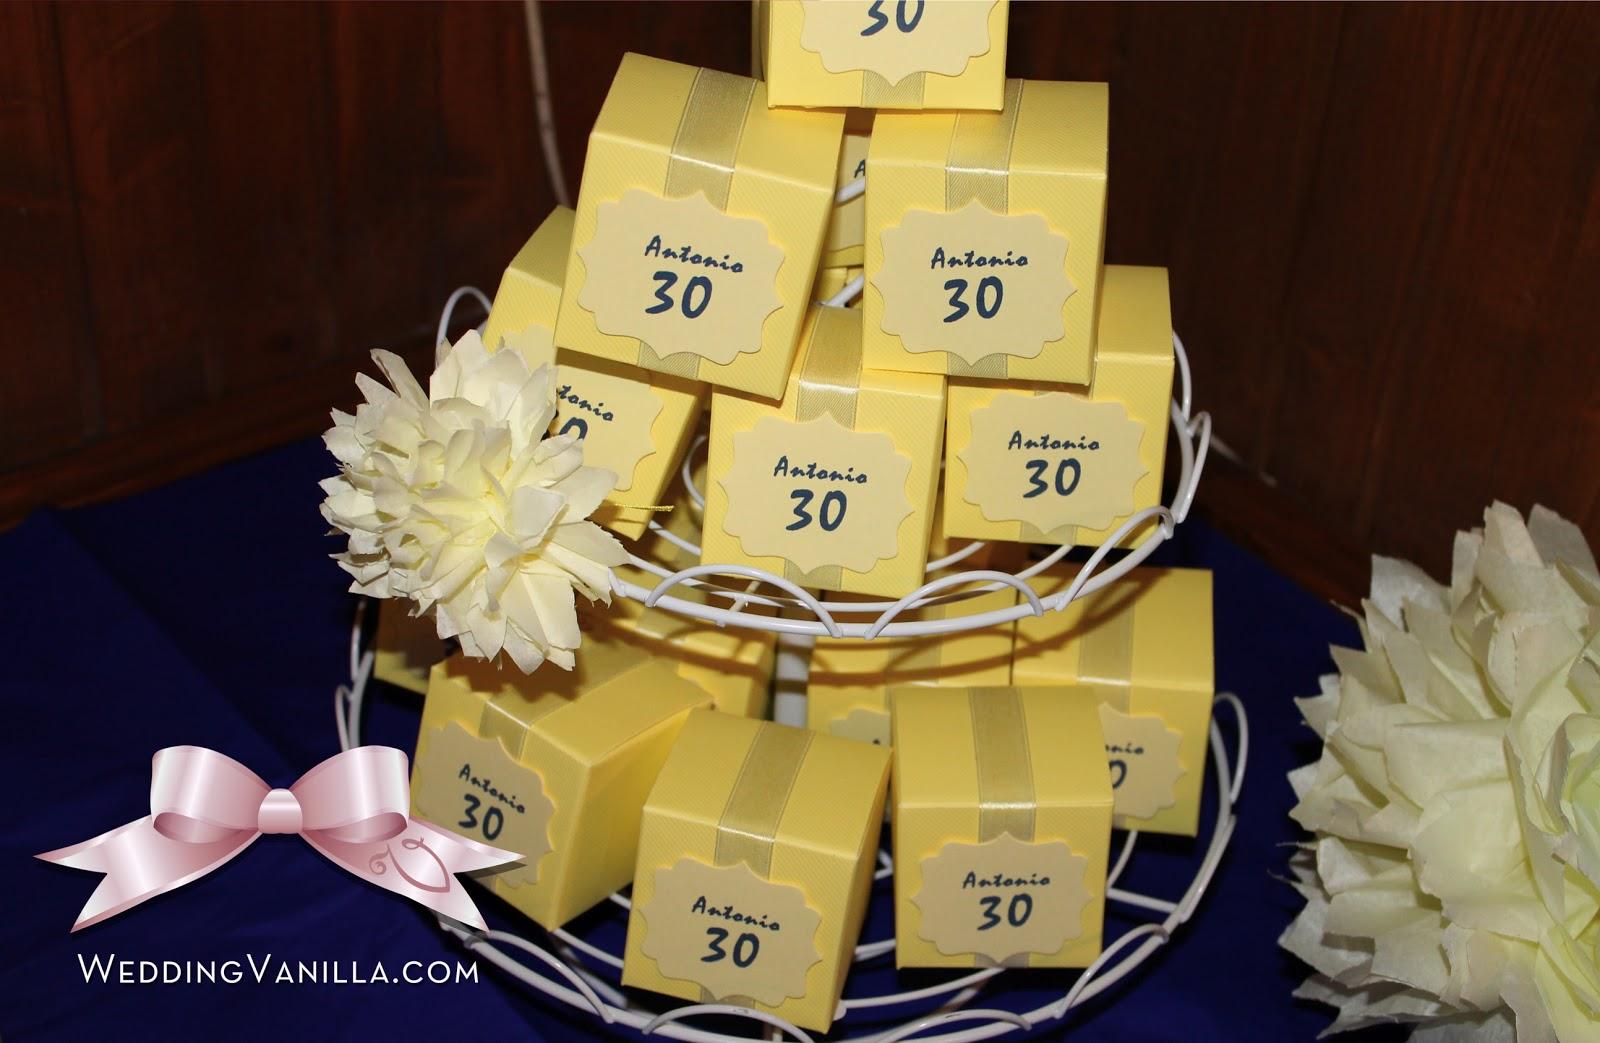 abbastanza Vanilla Wedding Design: 30 anni: Festa di compleanno di Antonio  AB18